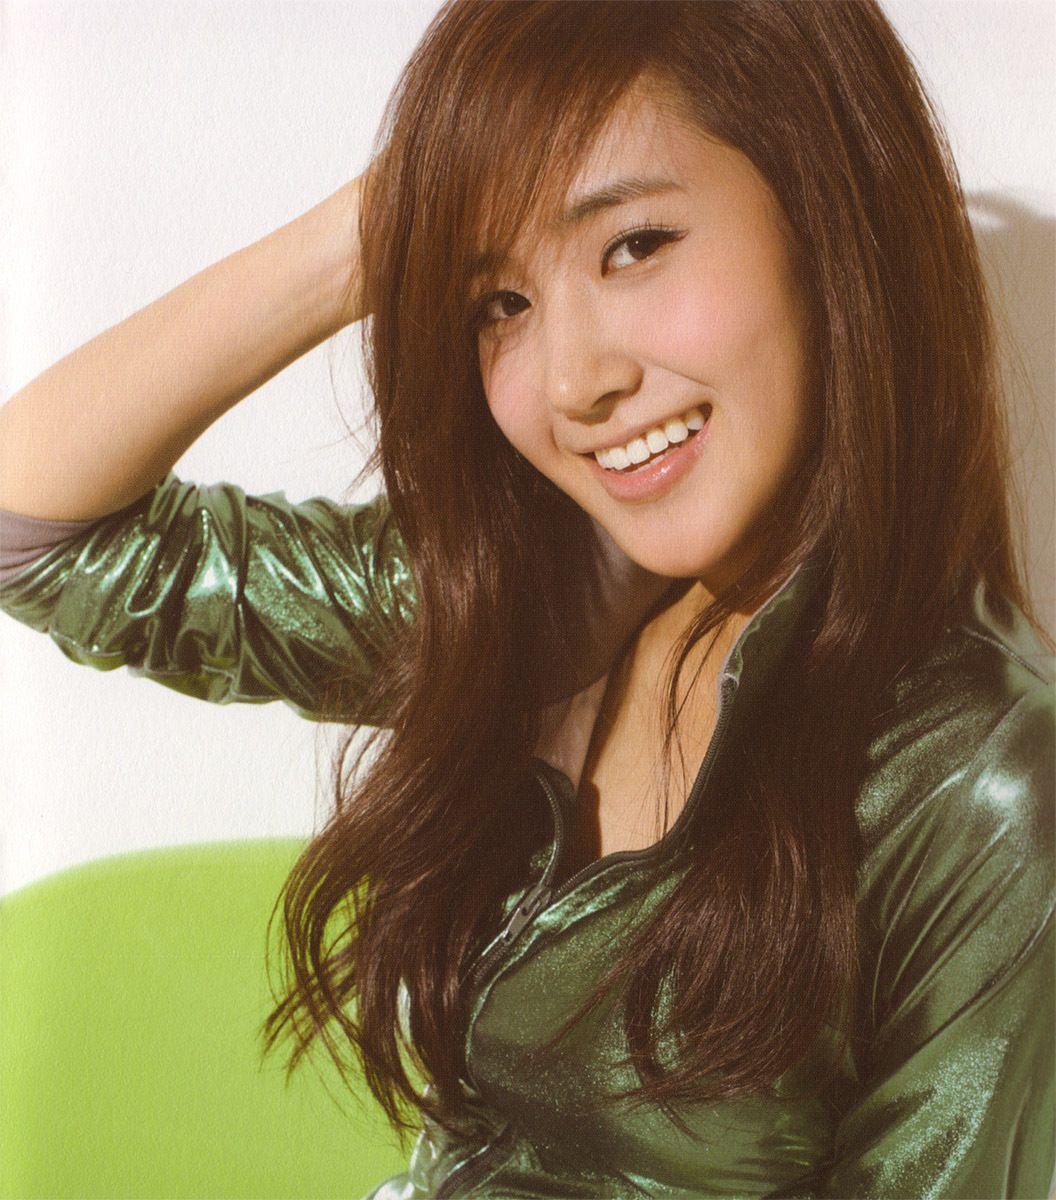 Top Ten Korean Kpop Idols Long Hair Styles Side Bangs Hairstyles Hair Styles